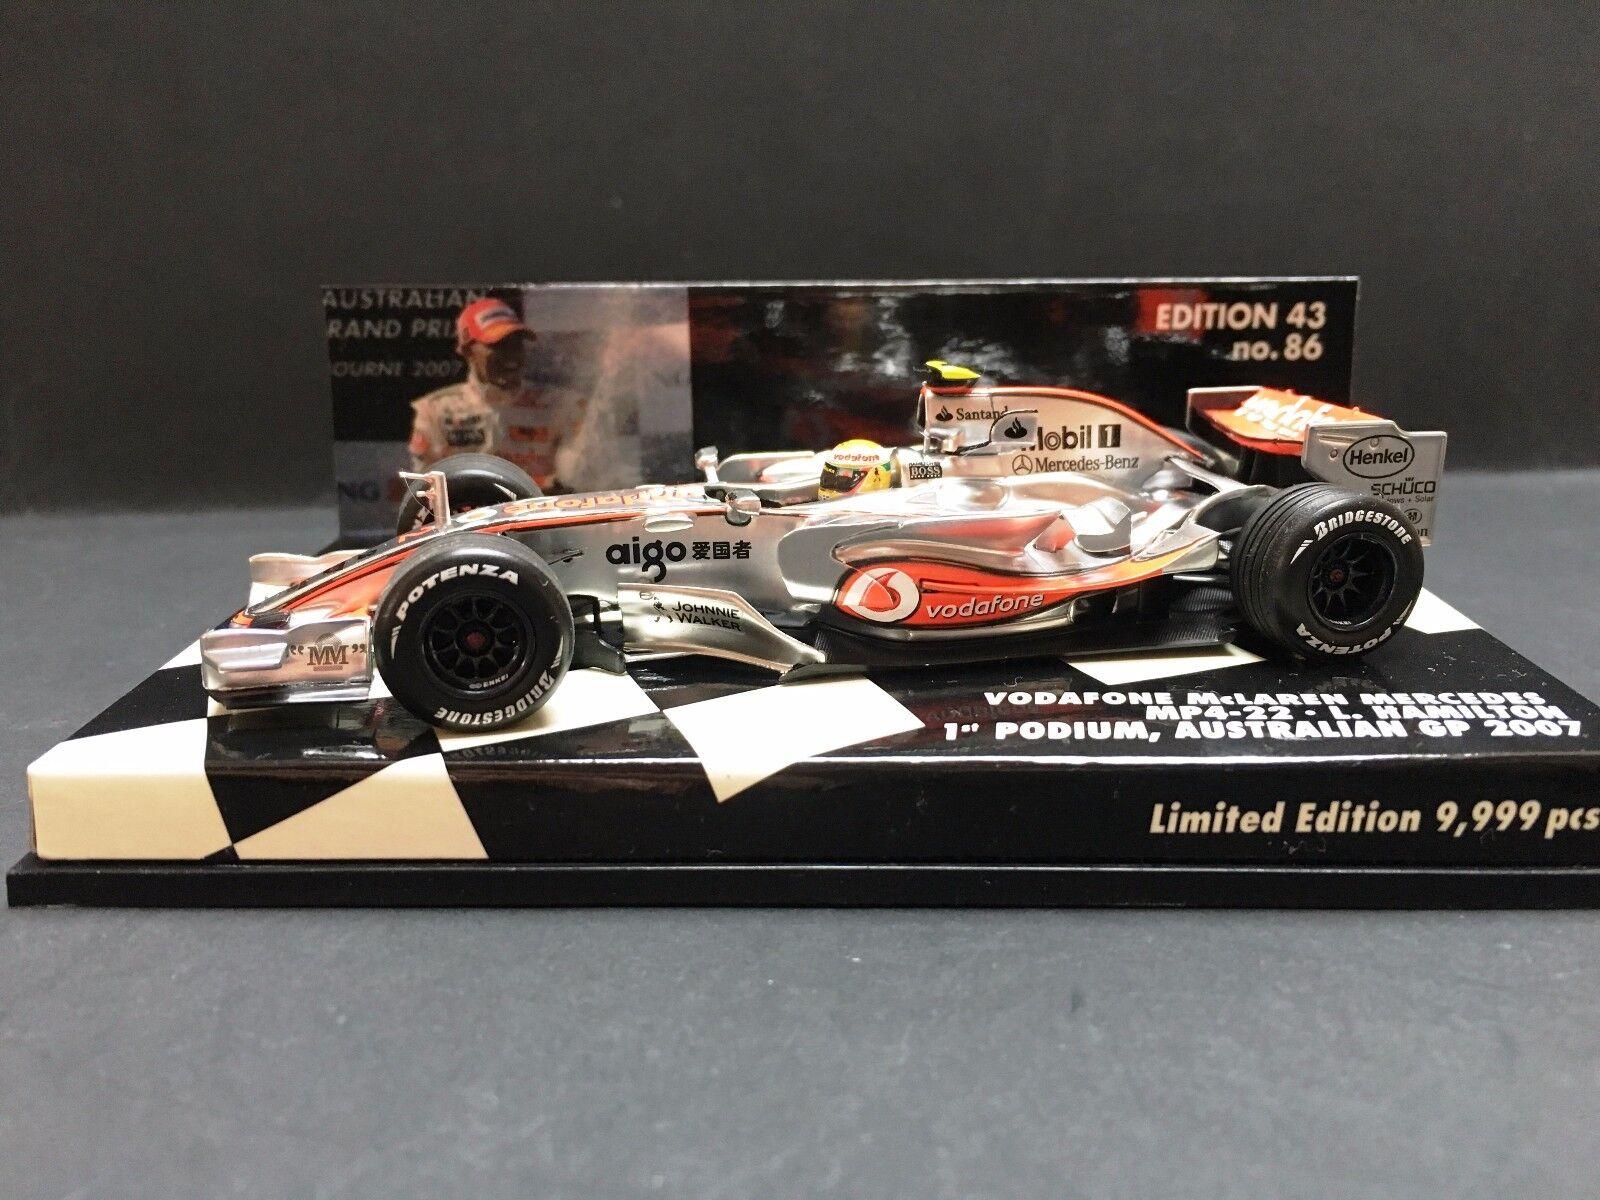 Minichamps - Lewis Hamilton - McLaren McLaren McLaren - MP4 22 - 2007 - 1st Podium Australian GP b98a0d